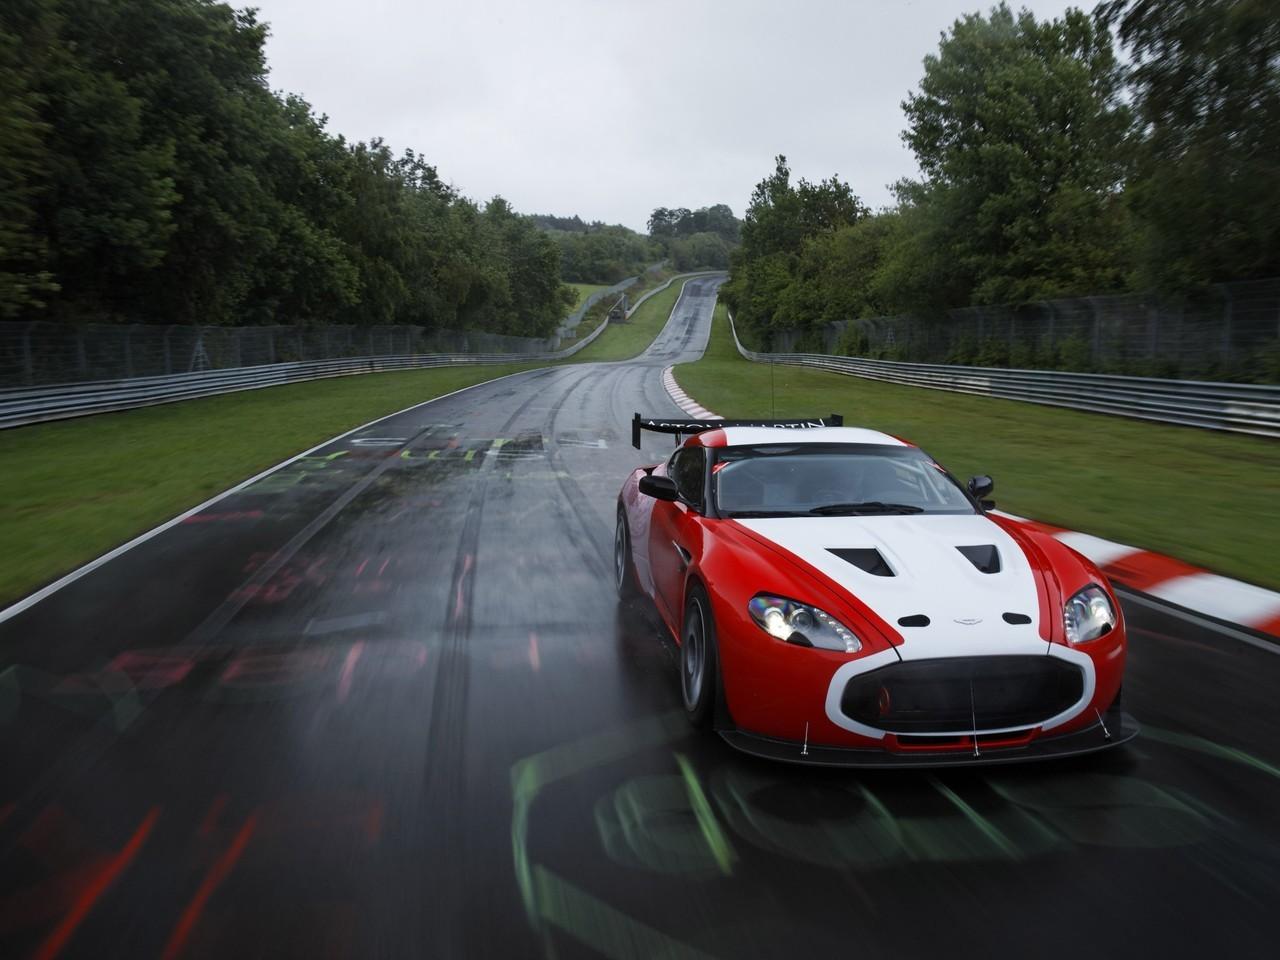 14280 скачать обои Транспорт, Машины, Астон Мартин (Aston Martin) - заставки и картинки бесплатно